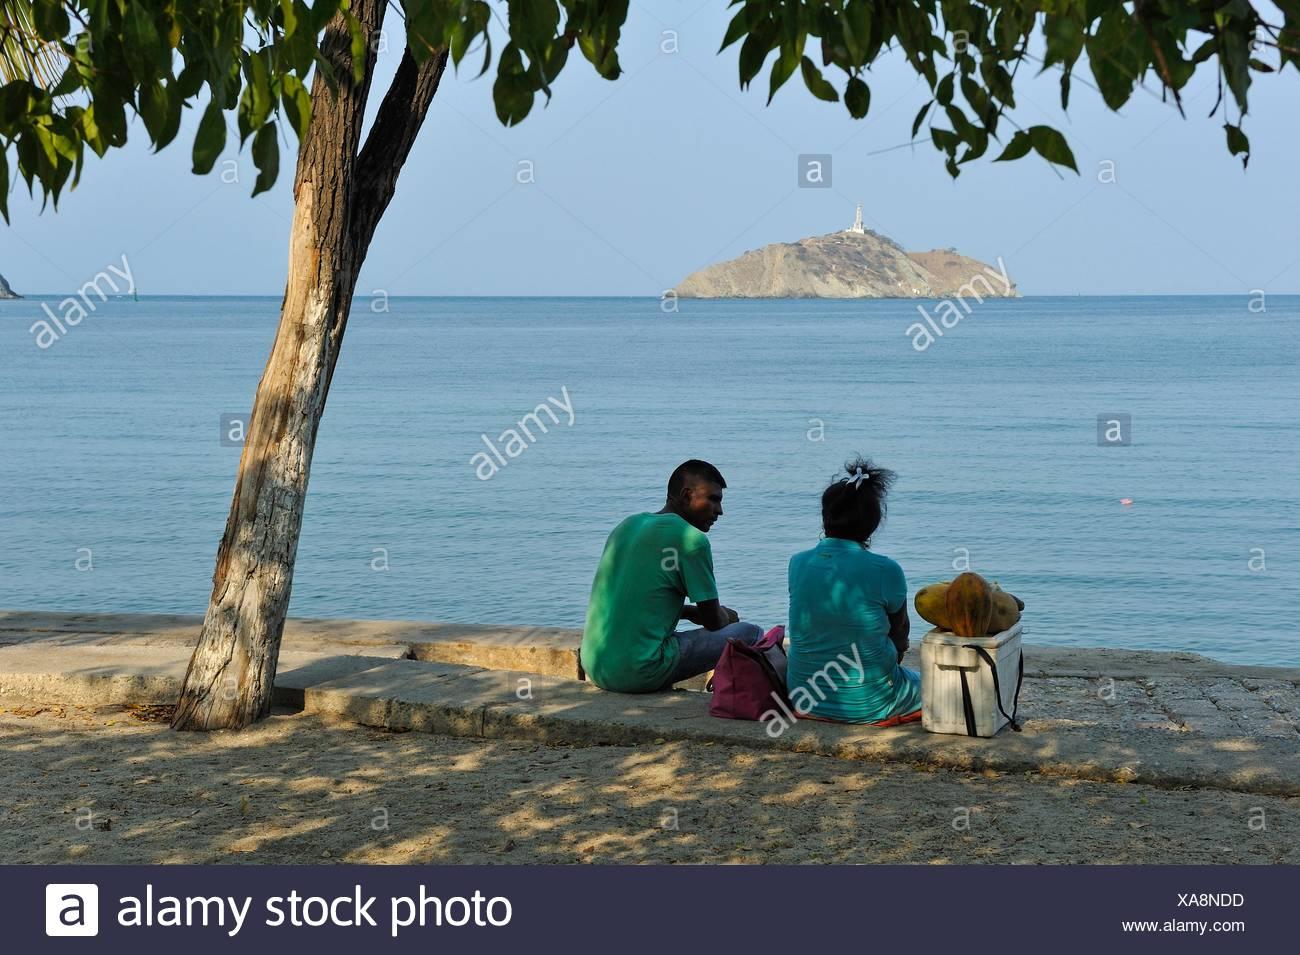 Promenade du bord de mer de Santa Marta, département du Magdalena, région des Caraïbes, la Colombie, l'Amérique du Sud. Banque D'Images